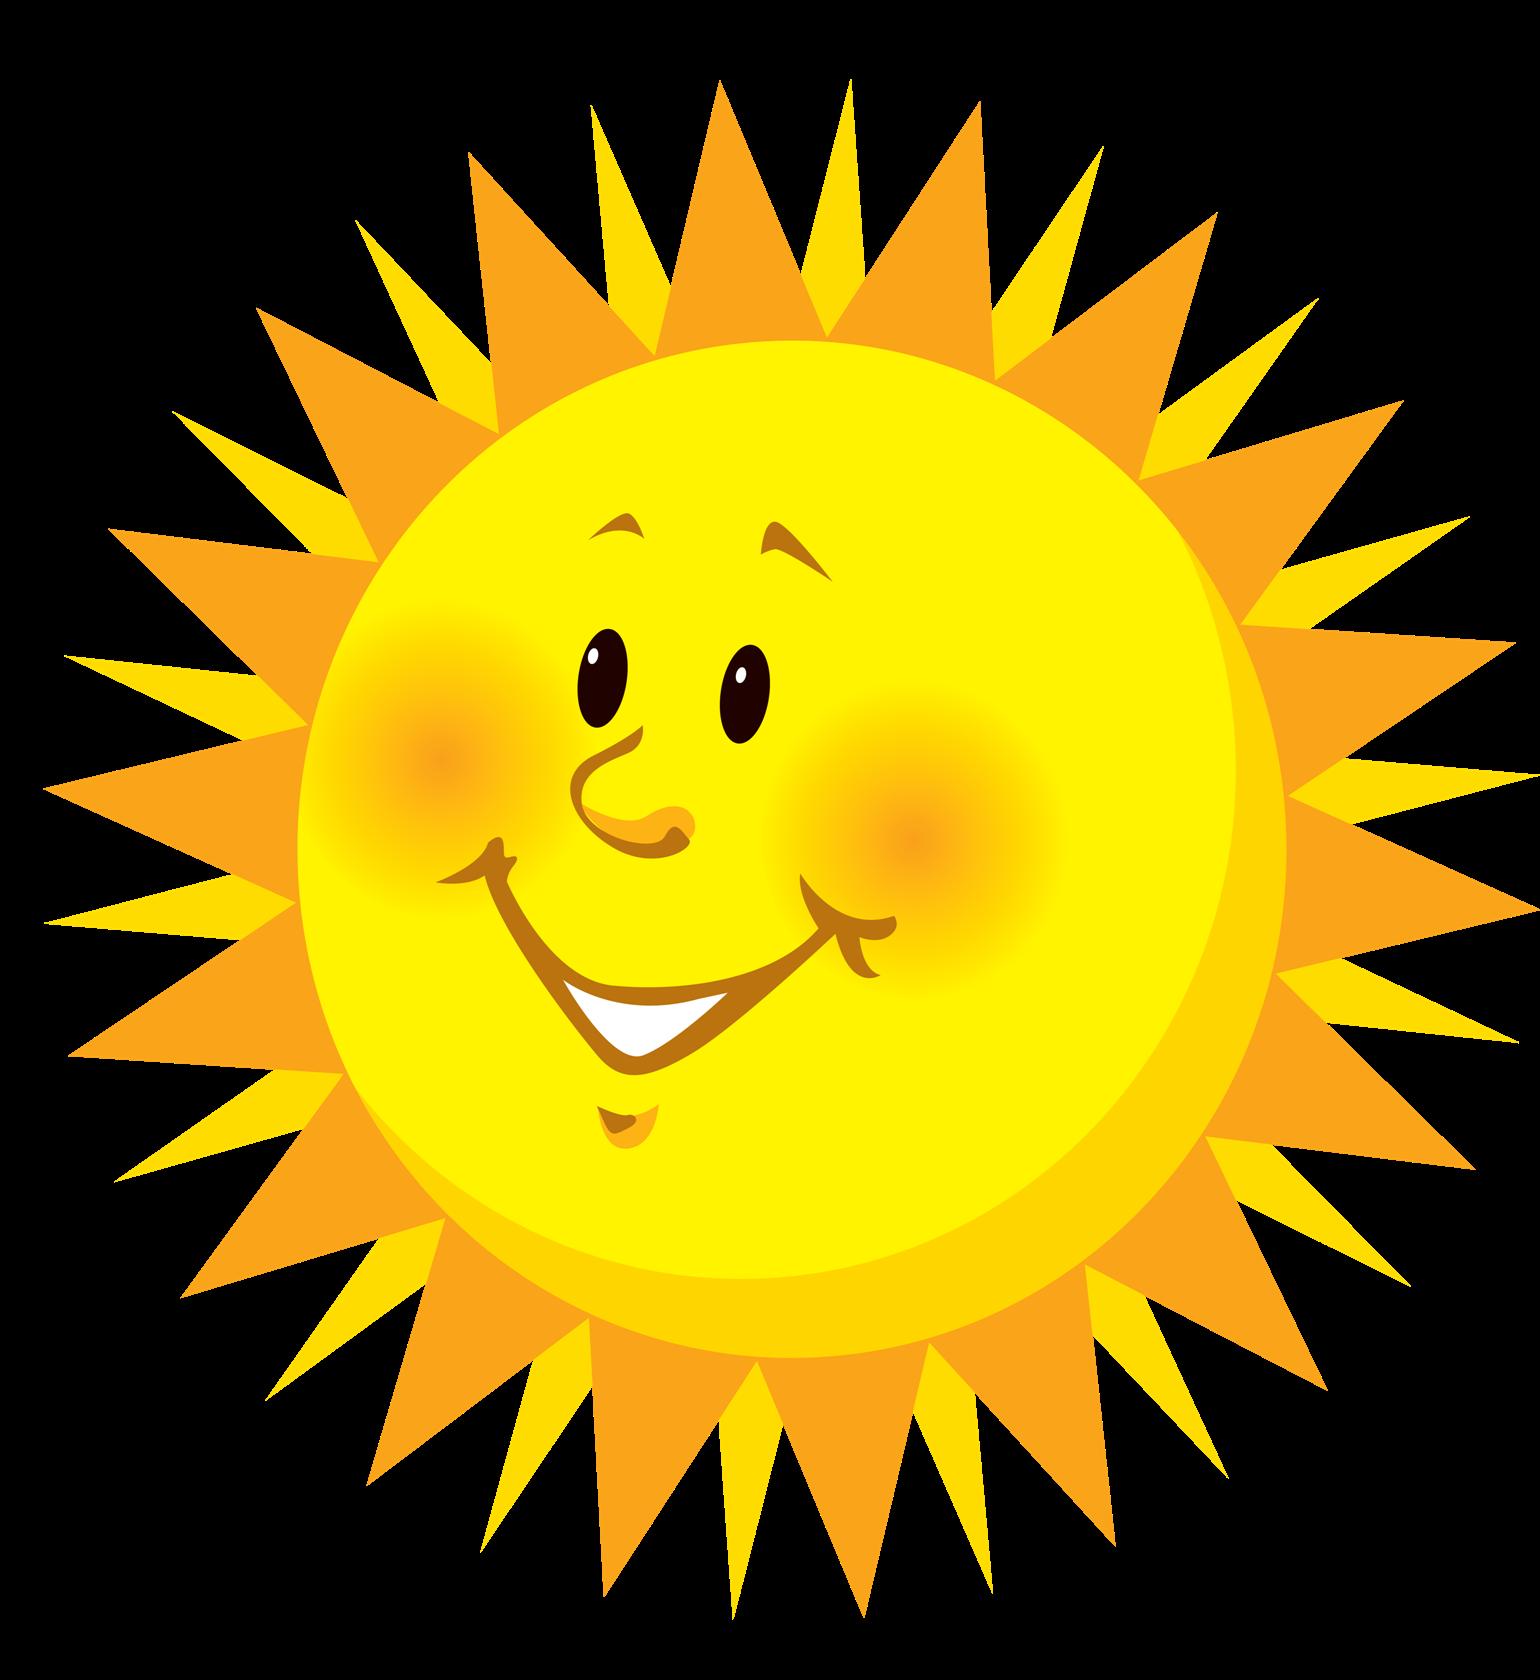 картинка улыбающаяся солнышко всегда